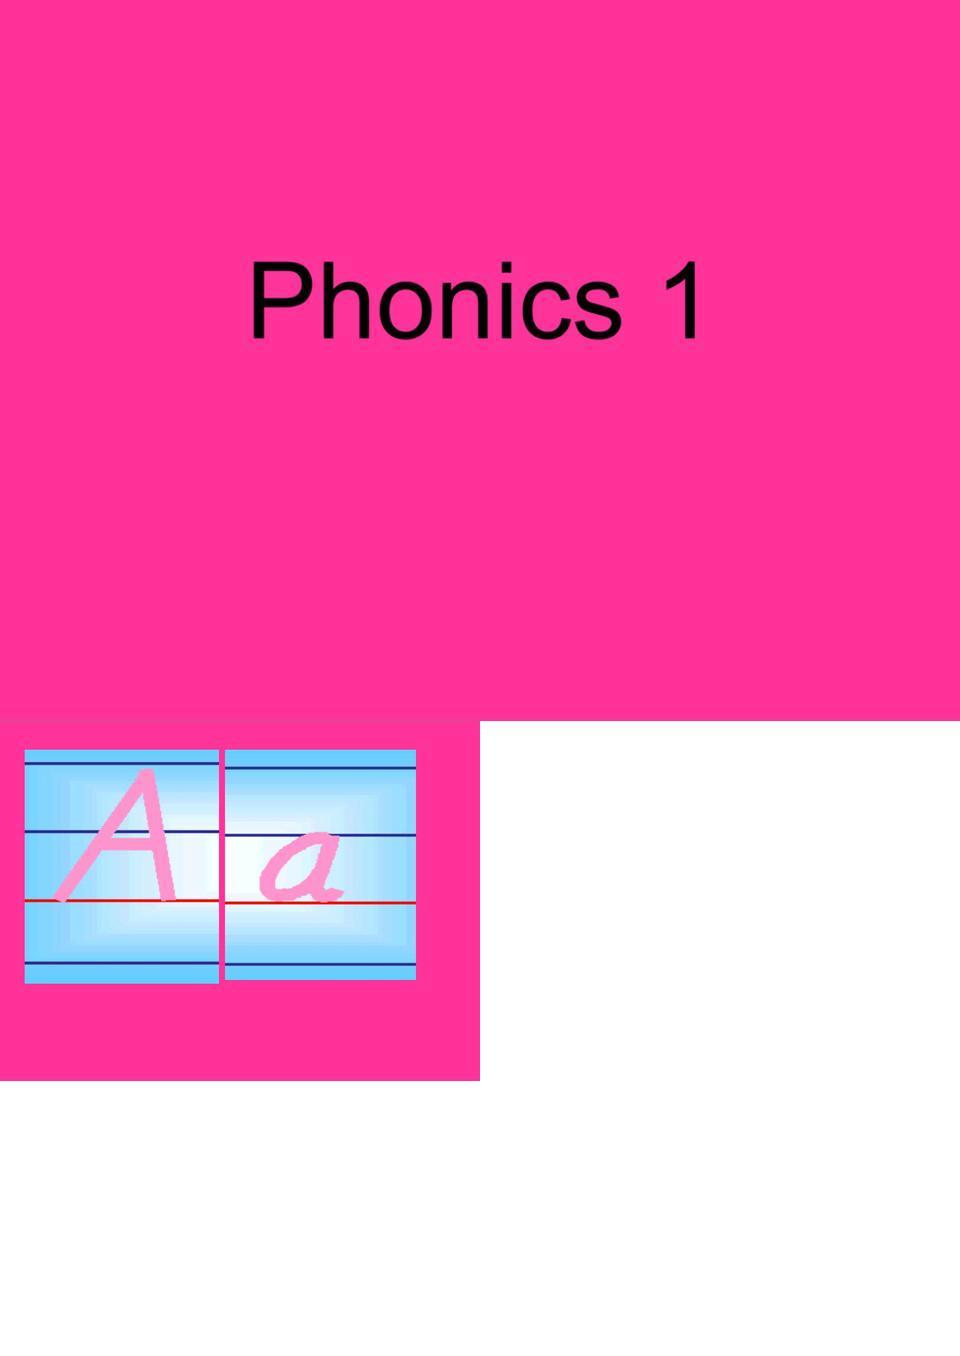 26英文字母、單詞及圖片.ppt